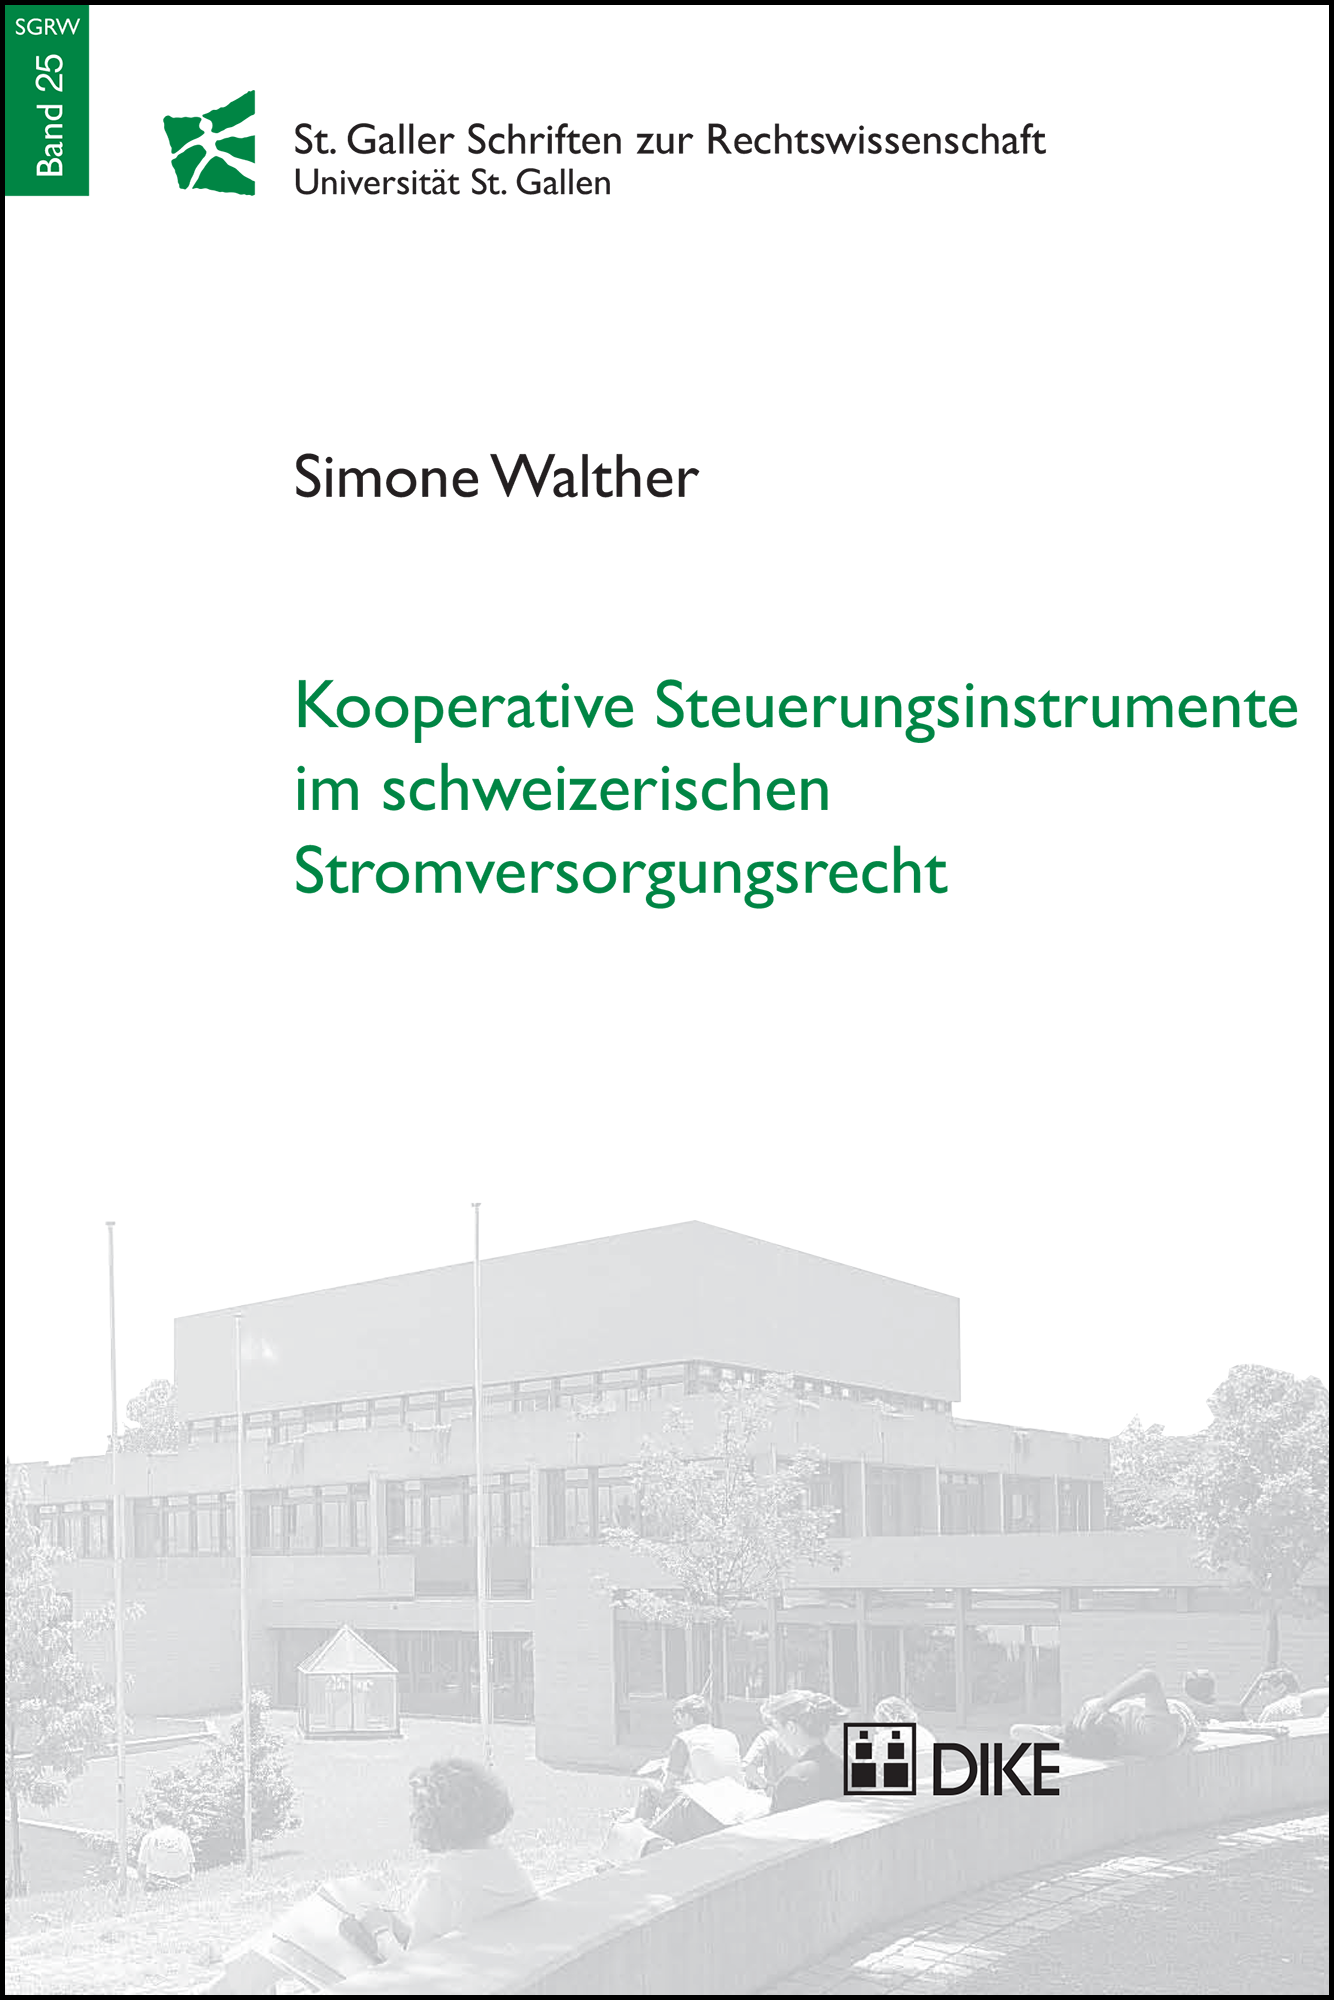 Kooperative Steuerungsinstrumente im schweizerischen Stromversorgungsrecht